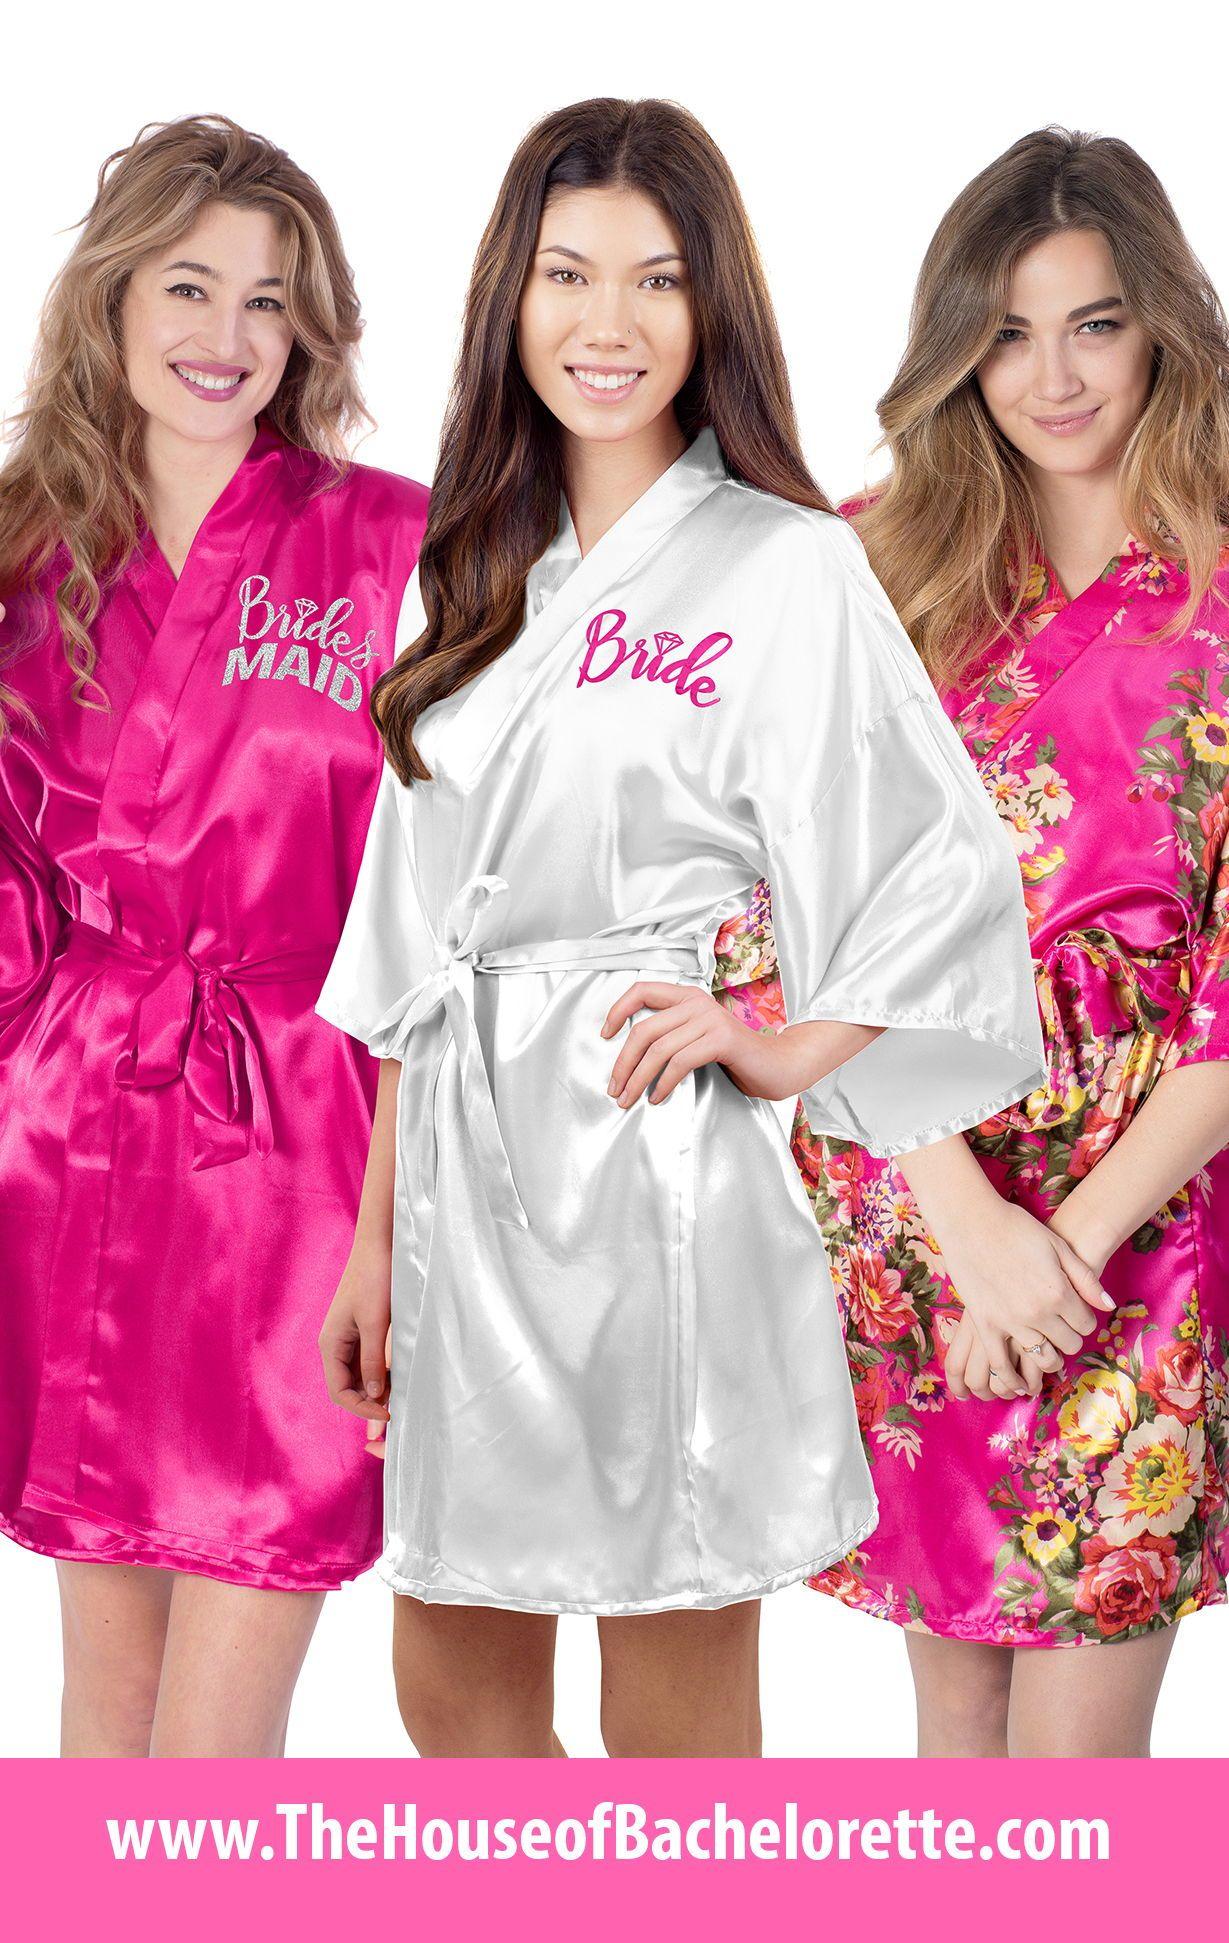 Party Accessories Wedding Kimono Robe Beach Kimono Robe Beach Bridal Party Custom Bridal Gift Plus Size Kaftan Wedding Clothing